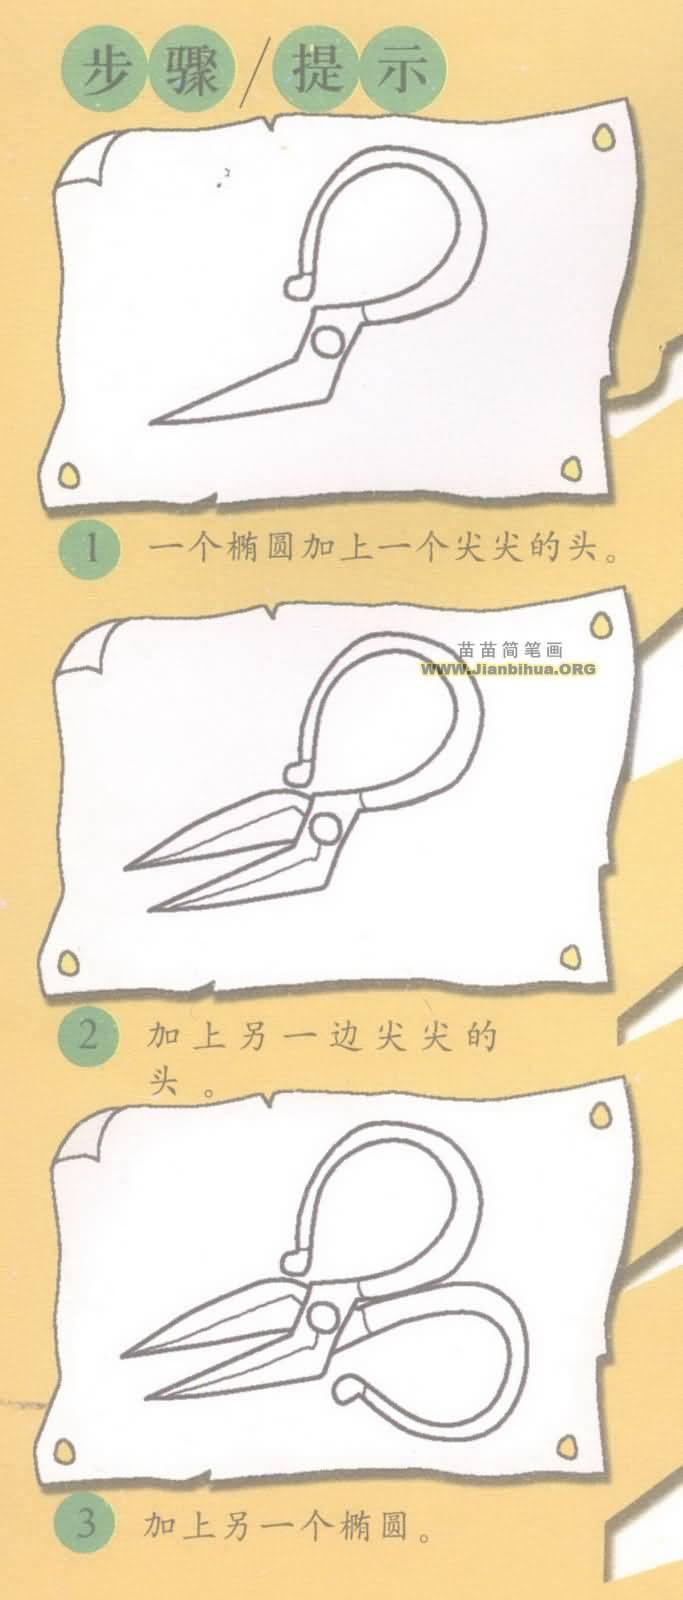 剪刀简笔画图片剪刀简笔画图片教程步骤